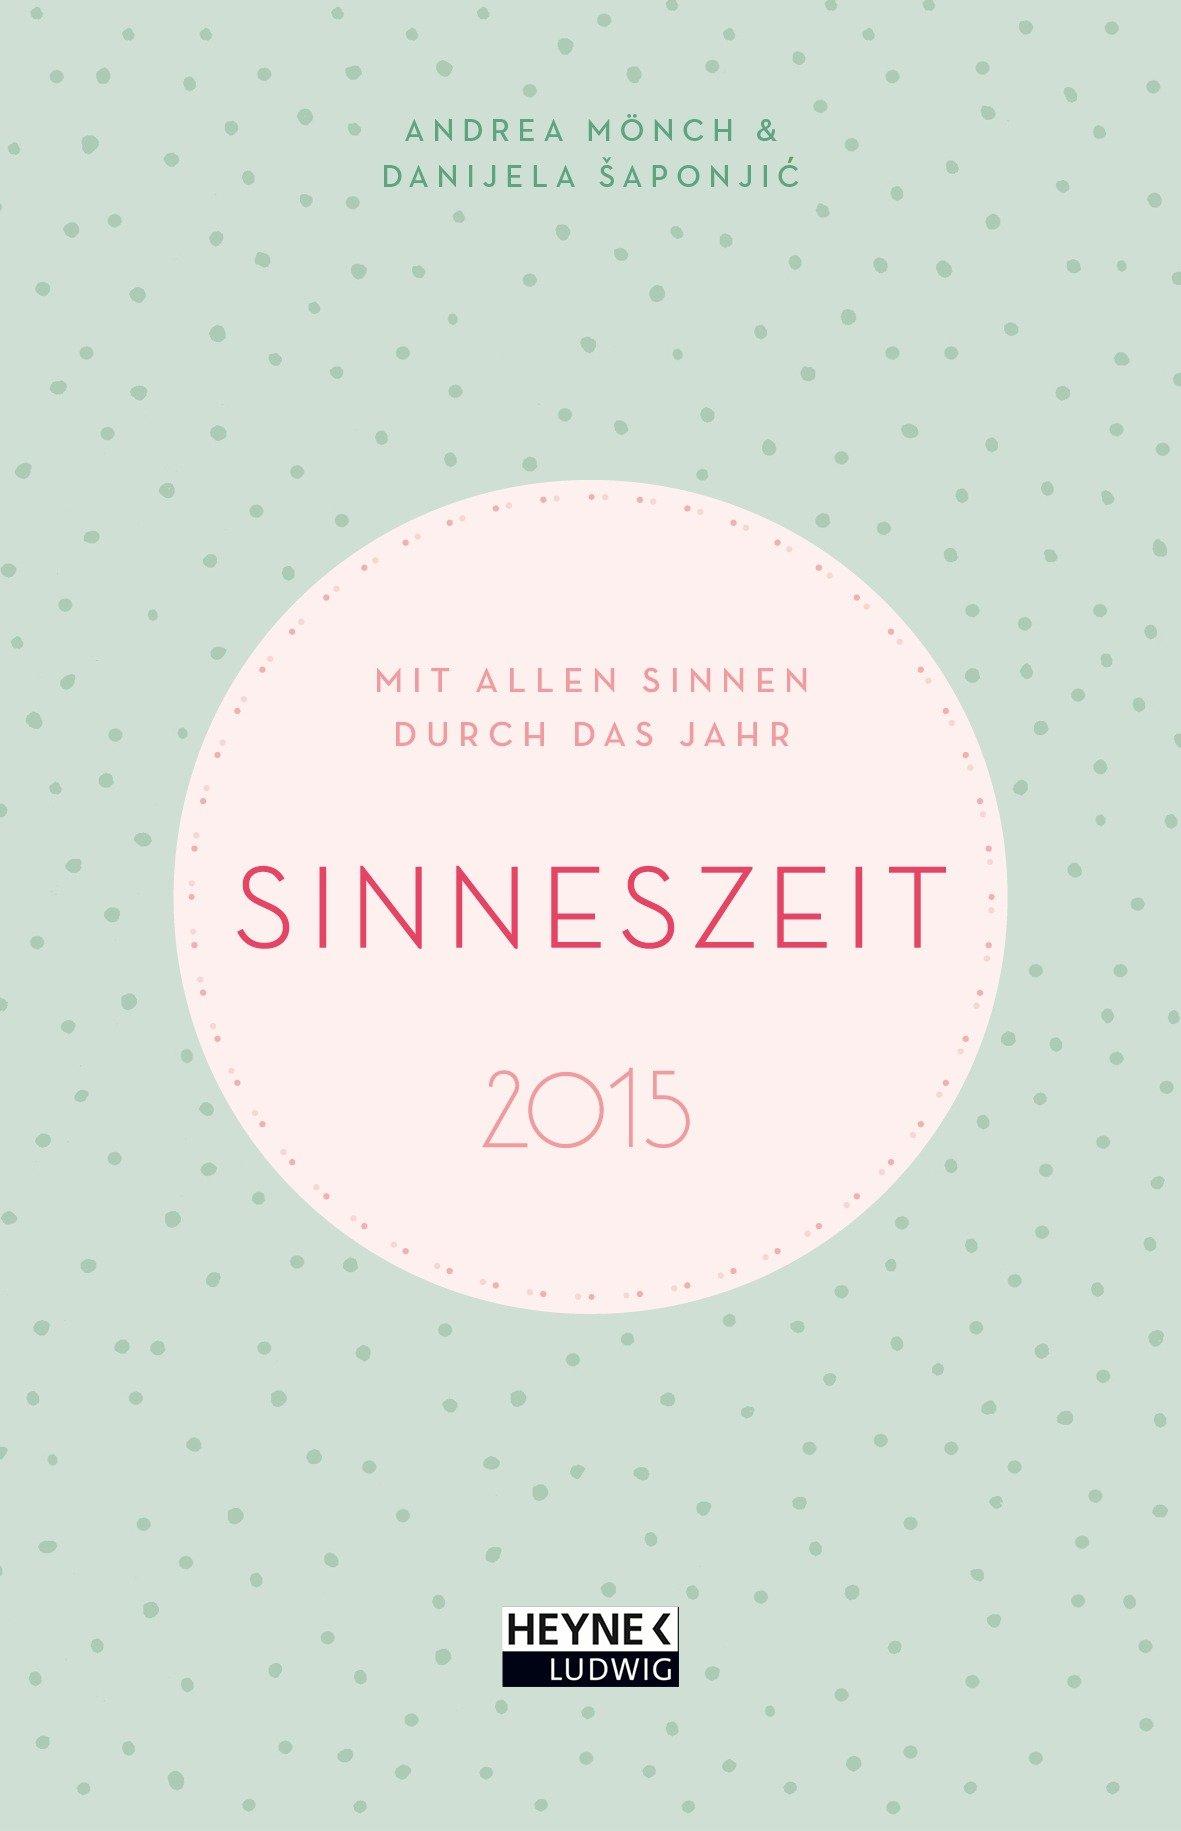 Sinneszeit 2015: Mit allen Sinnen durch das Jahr                                           Taschenkalender